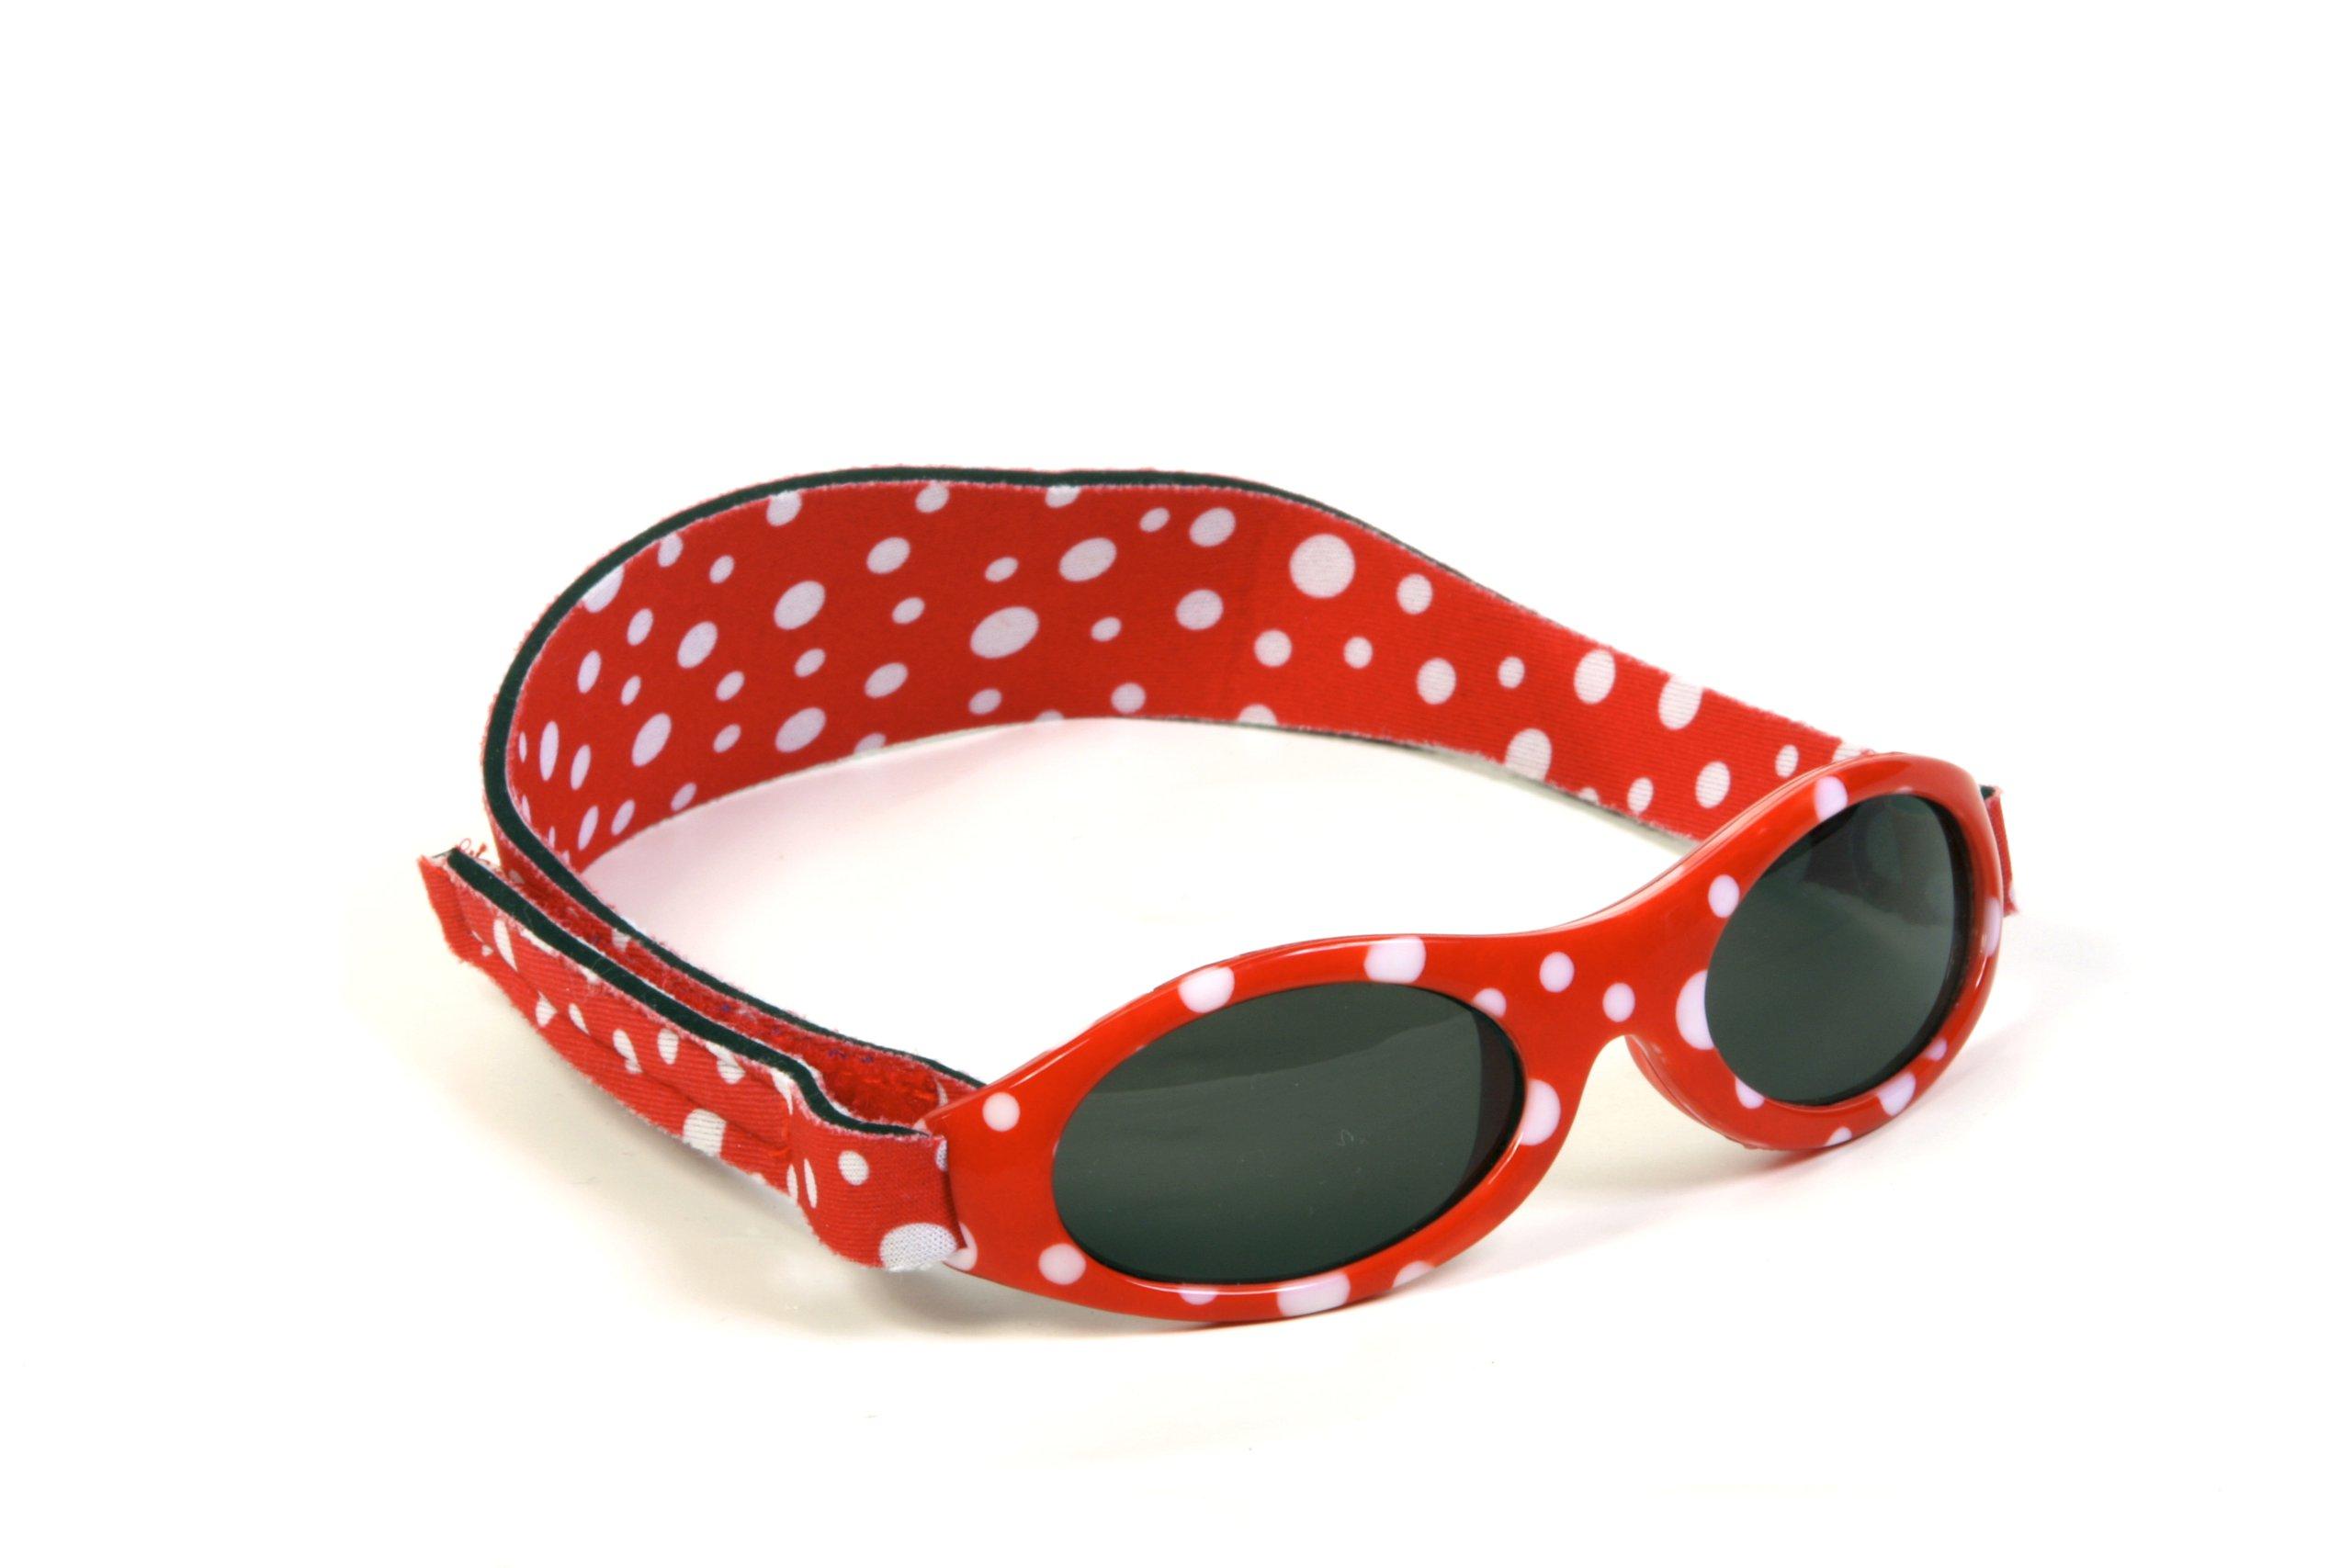 Baby Banz - Gafas de sol Ovaladas para niños, color Rojo, talla 0-2 anos 2